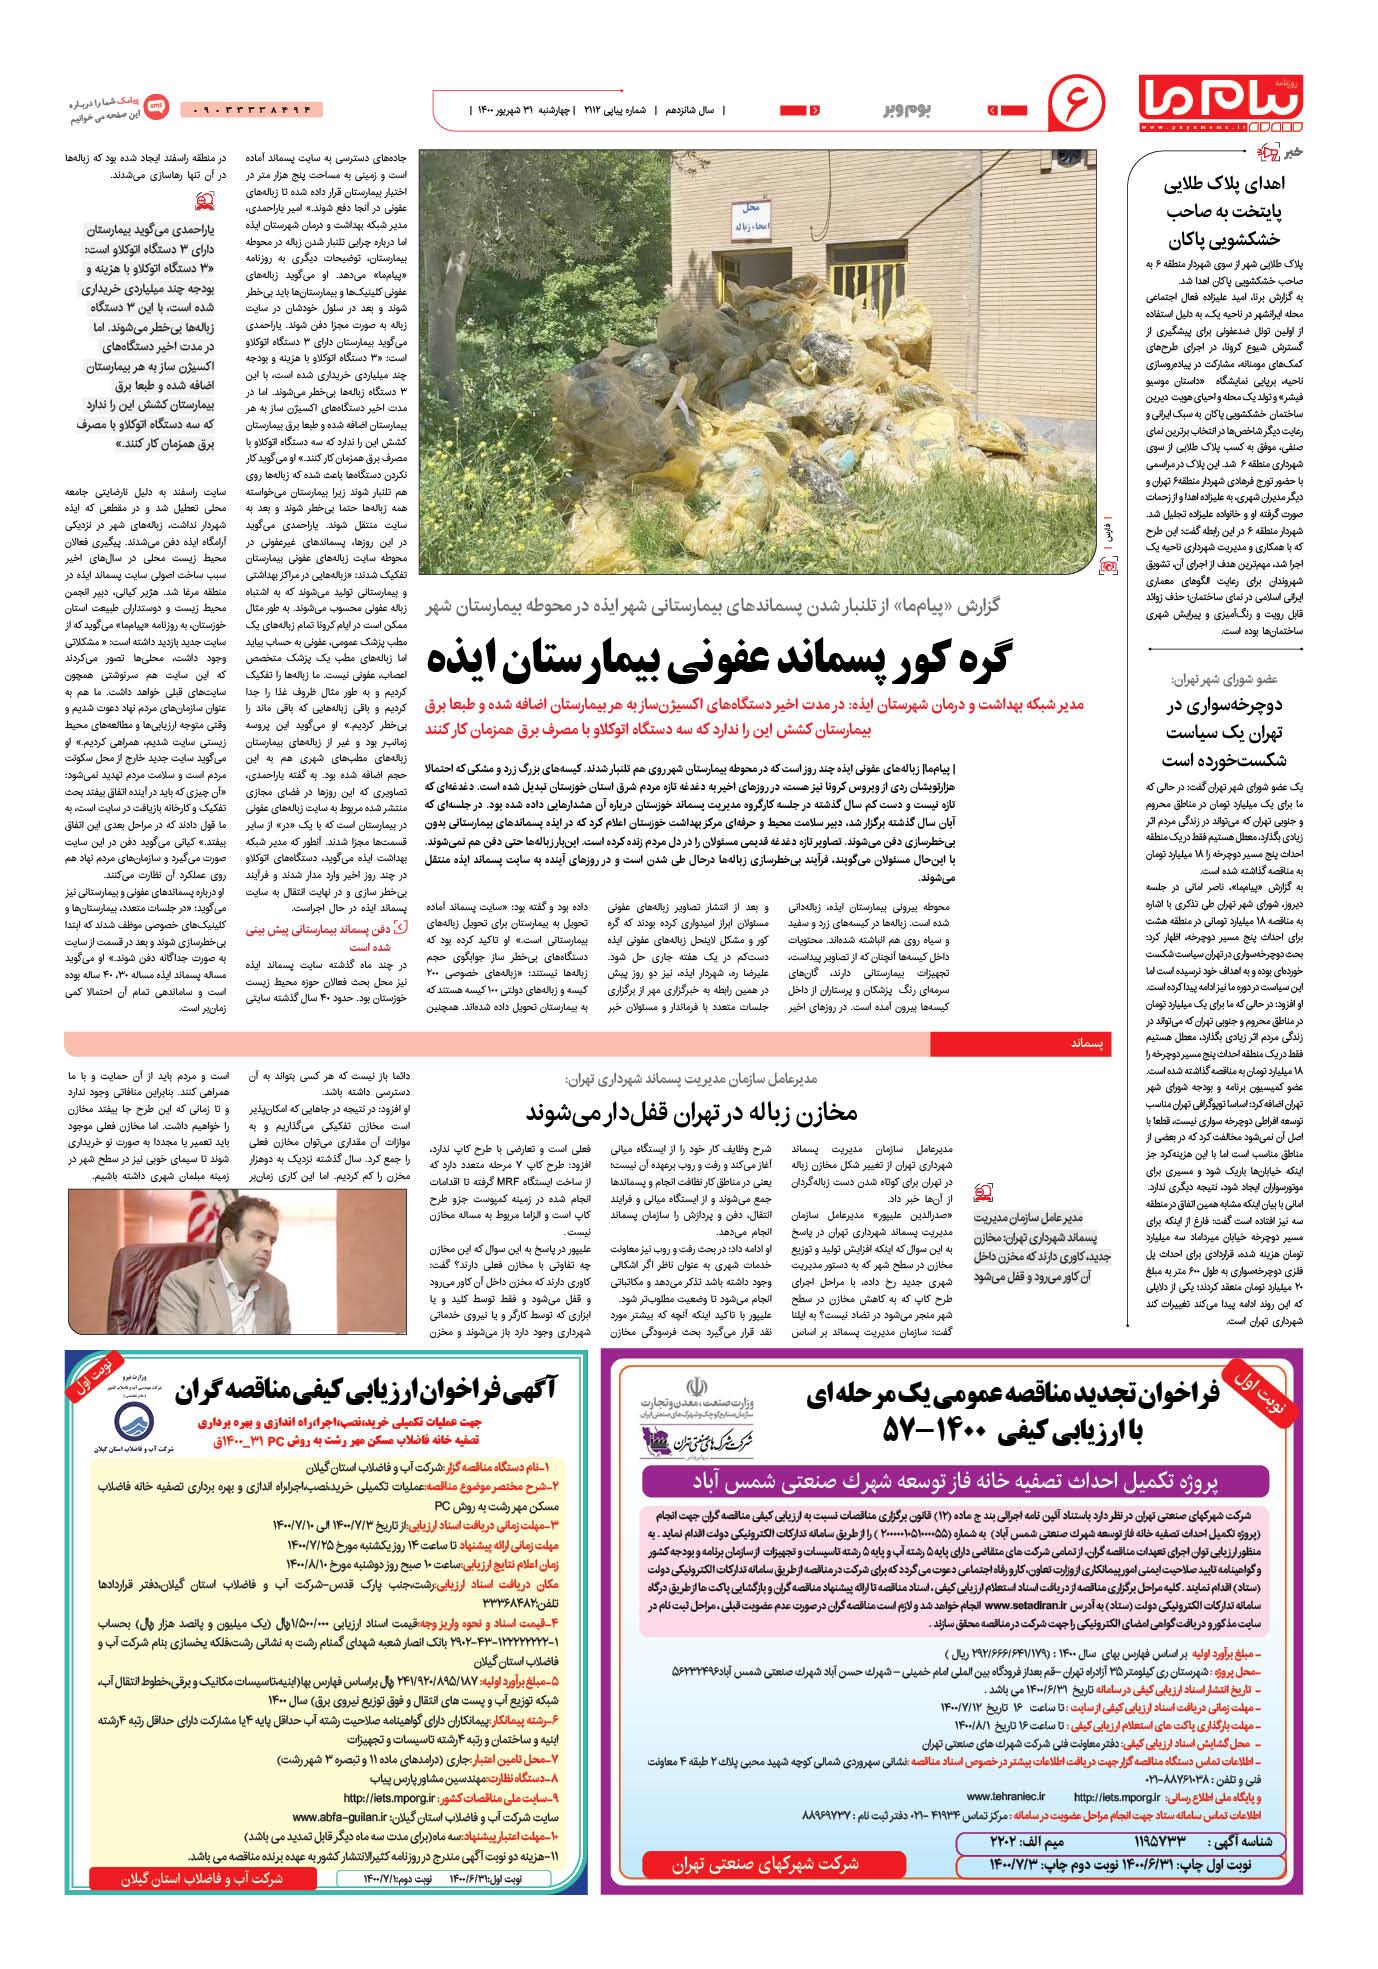 صفحه بوم و بر شماره 2112 روزنامه پیام ما